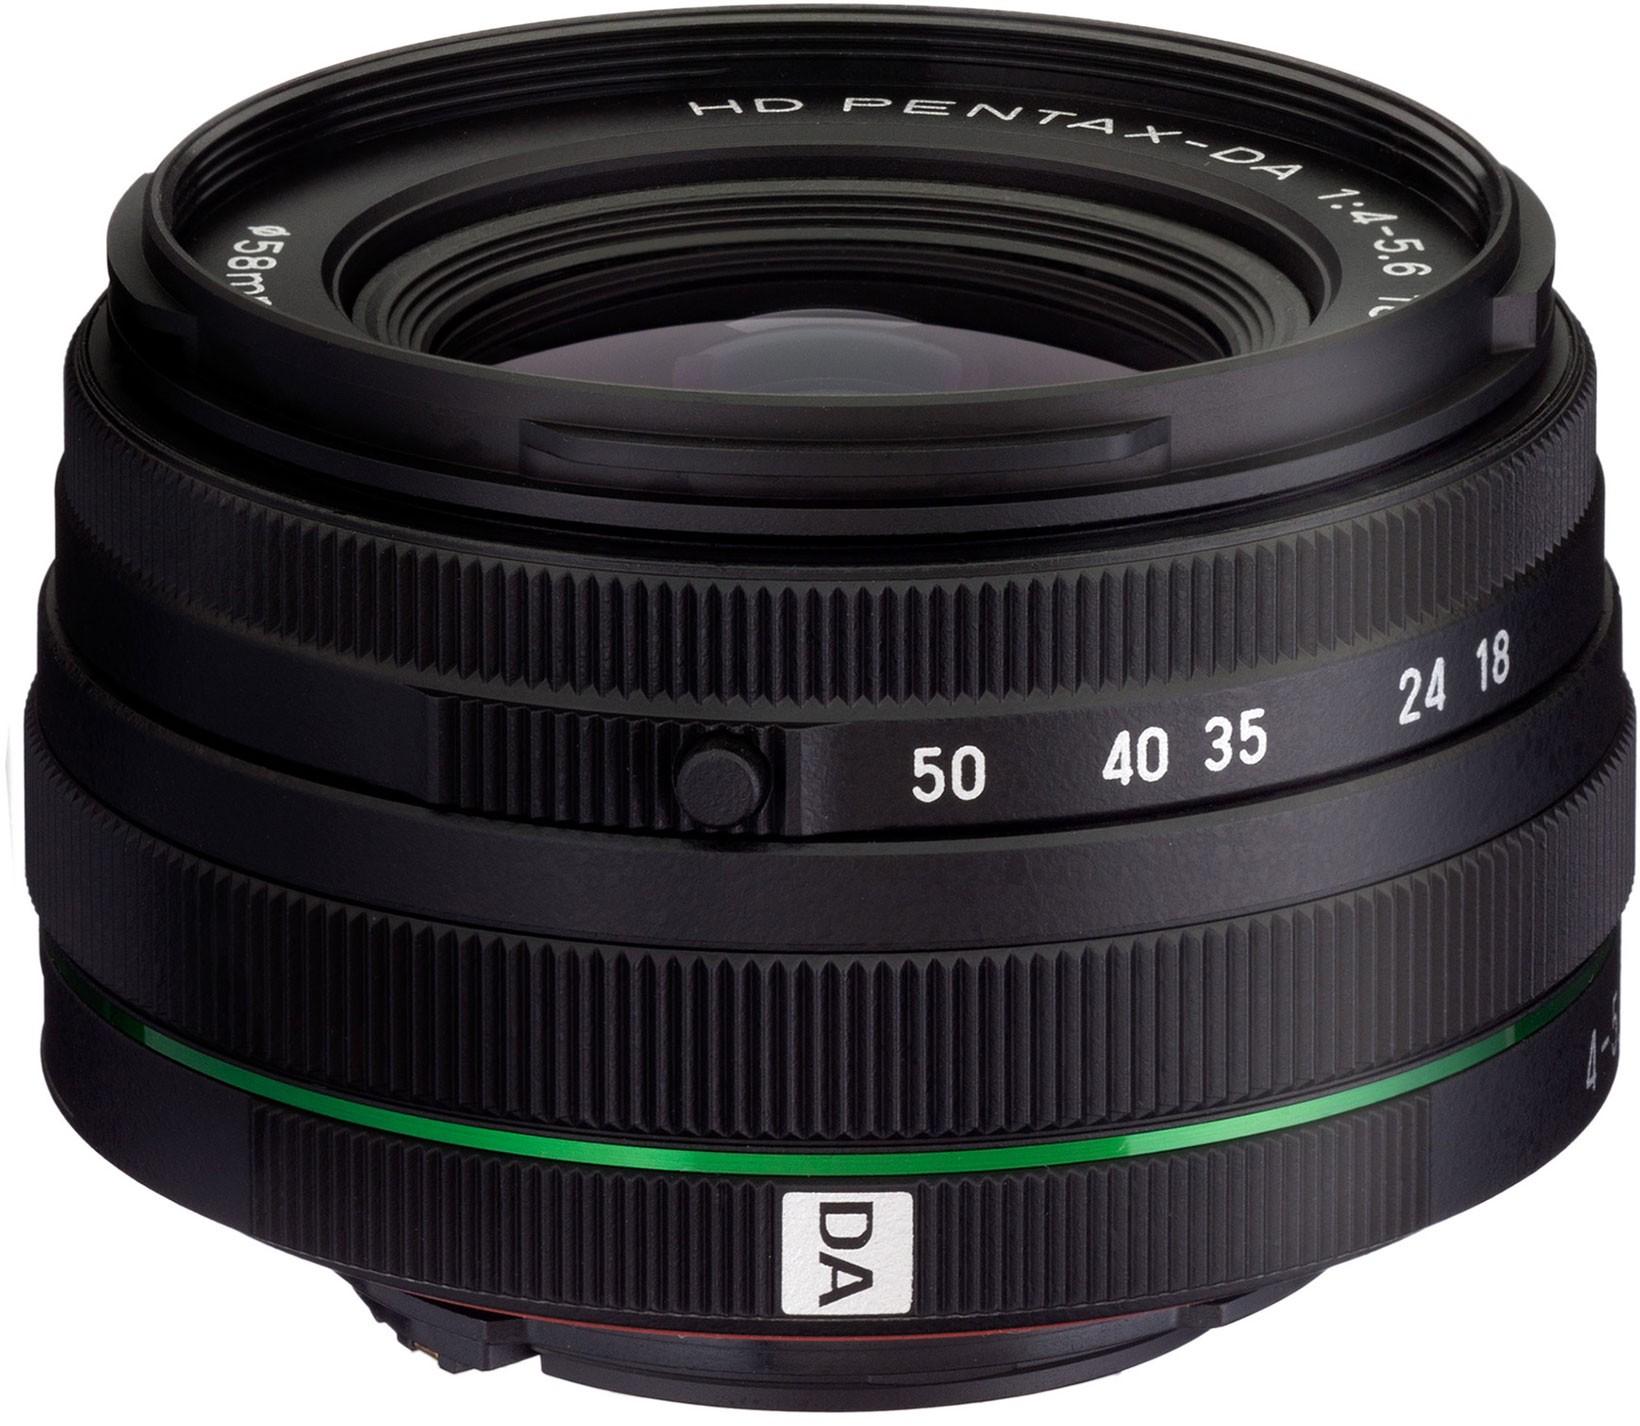 Pentax HD DA 18-50